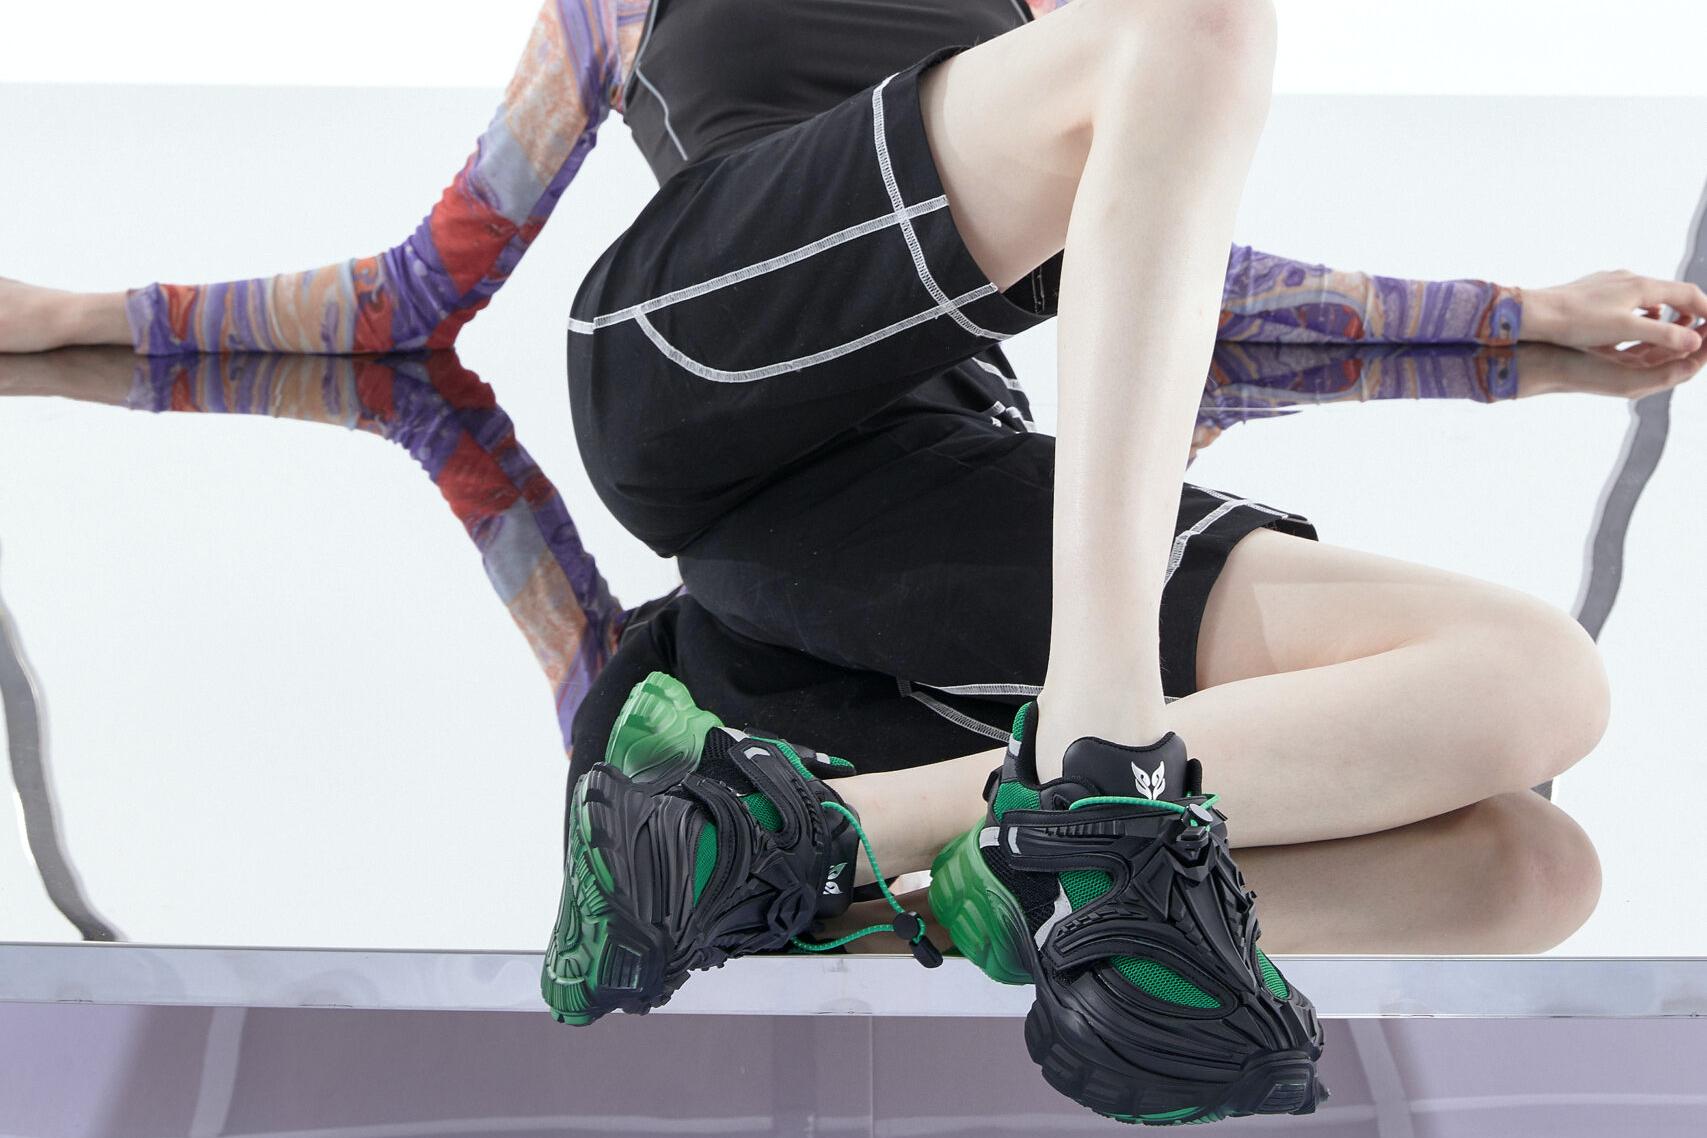 banus-futuristic-sneakers